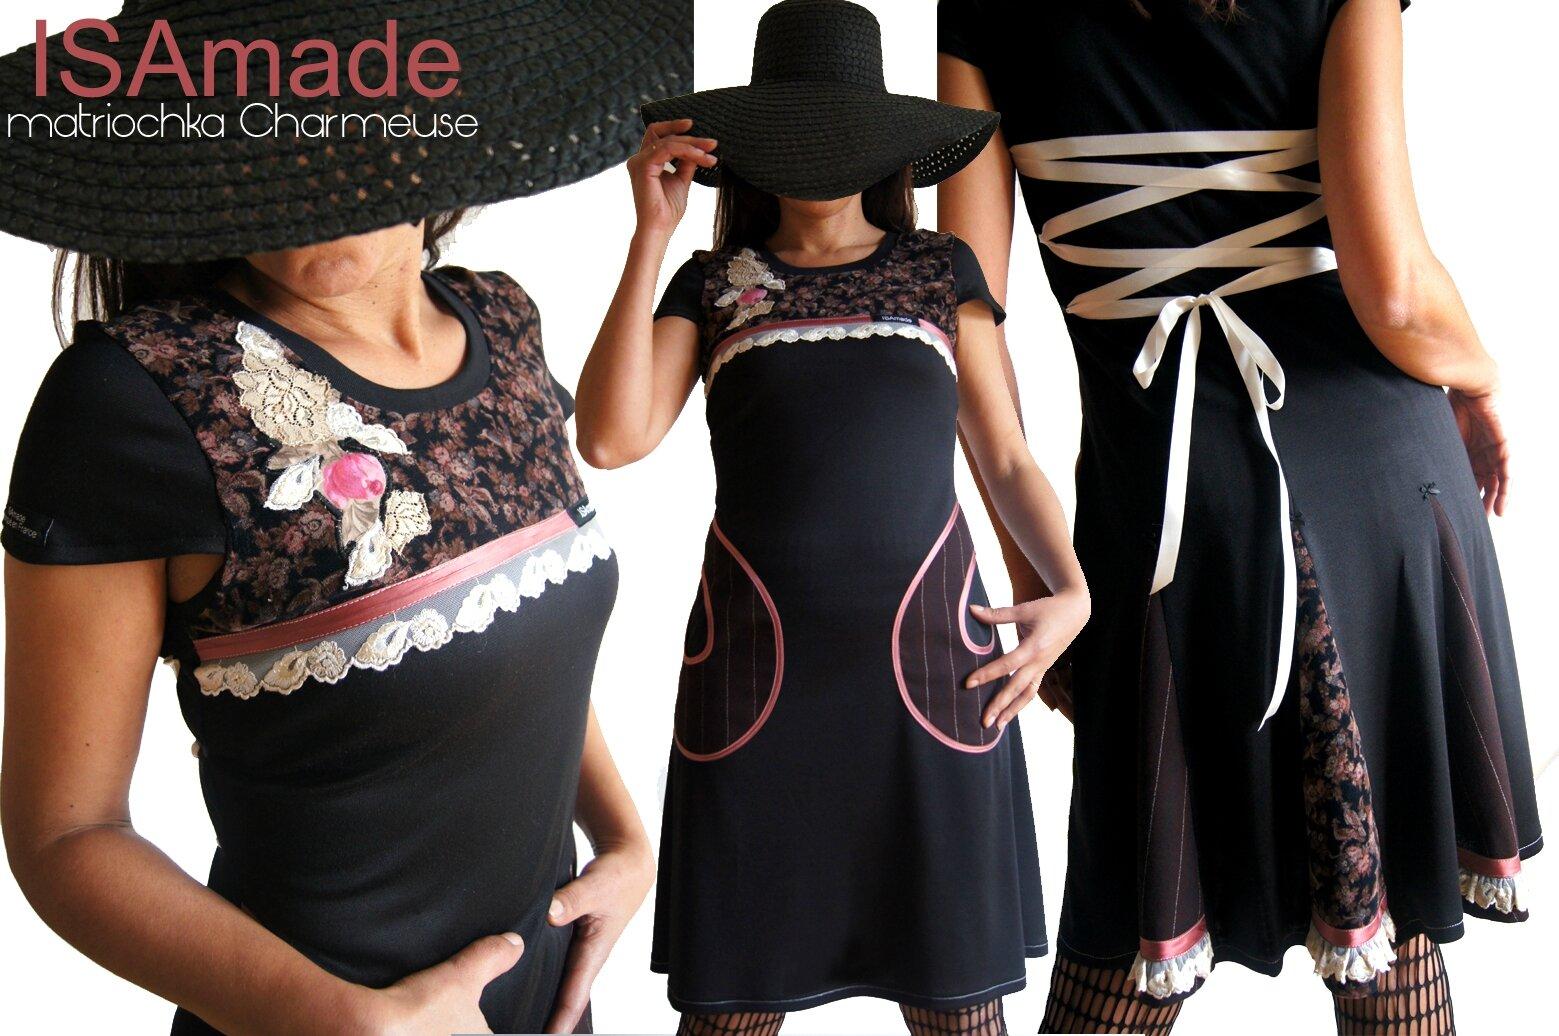 Robe Féminine Fantaisie et Originale Noire Rose et marron & dentelle crème brodée sur résille et Imprimé fleurs et rayures